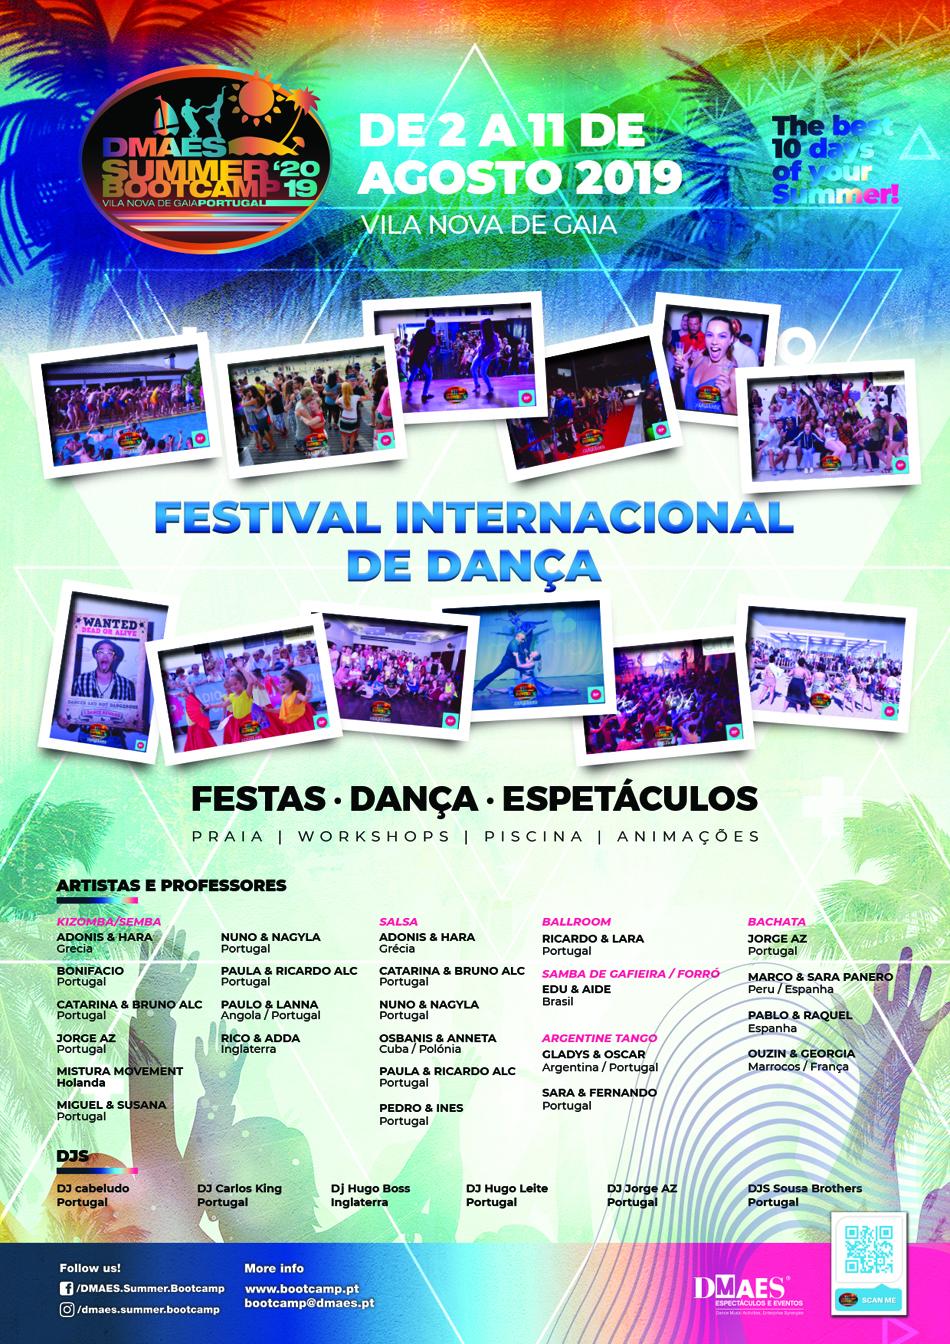 Festival Internacional de Dança